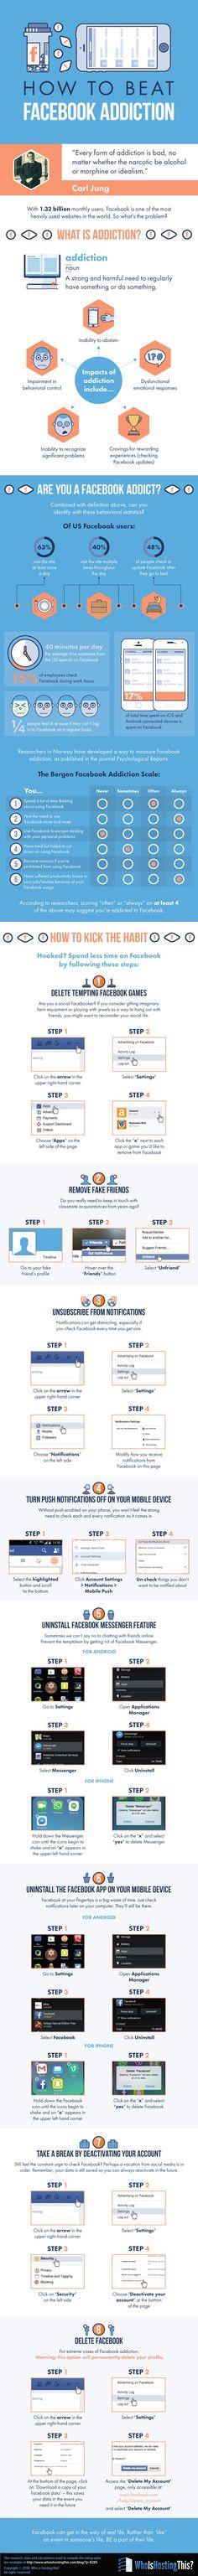 Hola: Una infografía sobrecómo combatir la adicción a Facebook. Un saludo  Source: WhoIsHostingThis.com